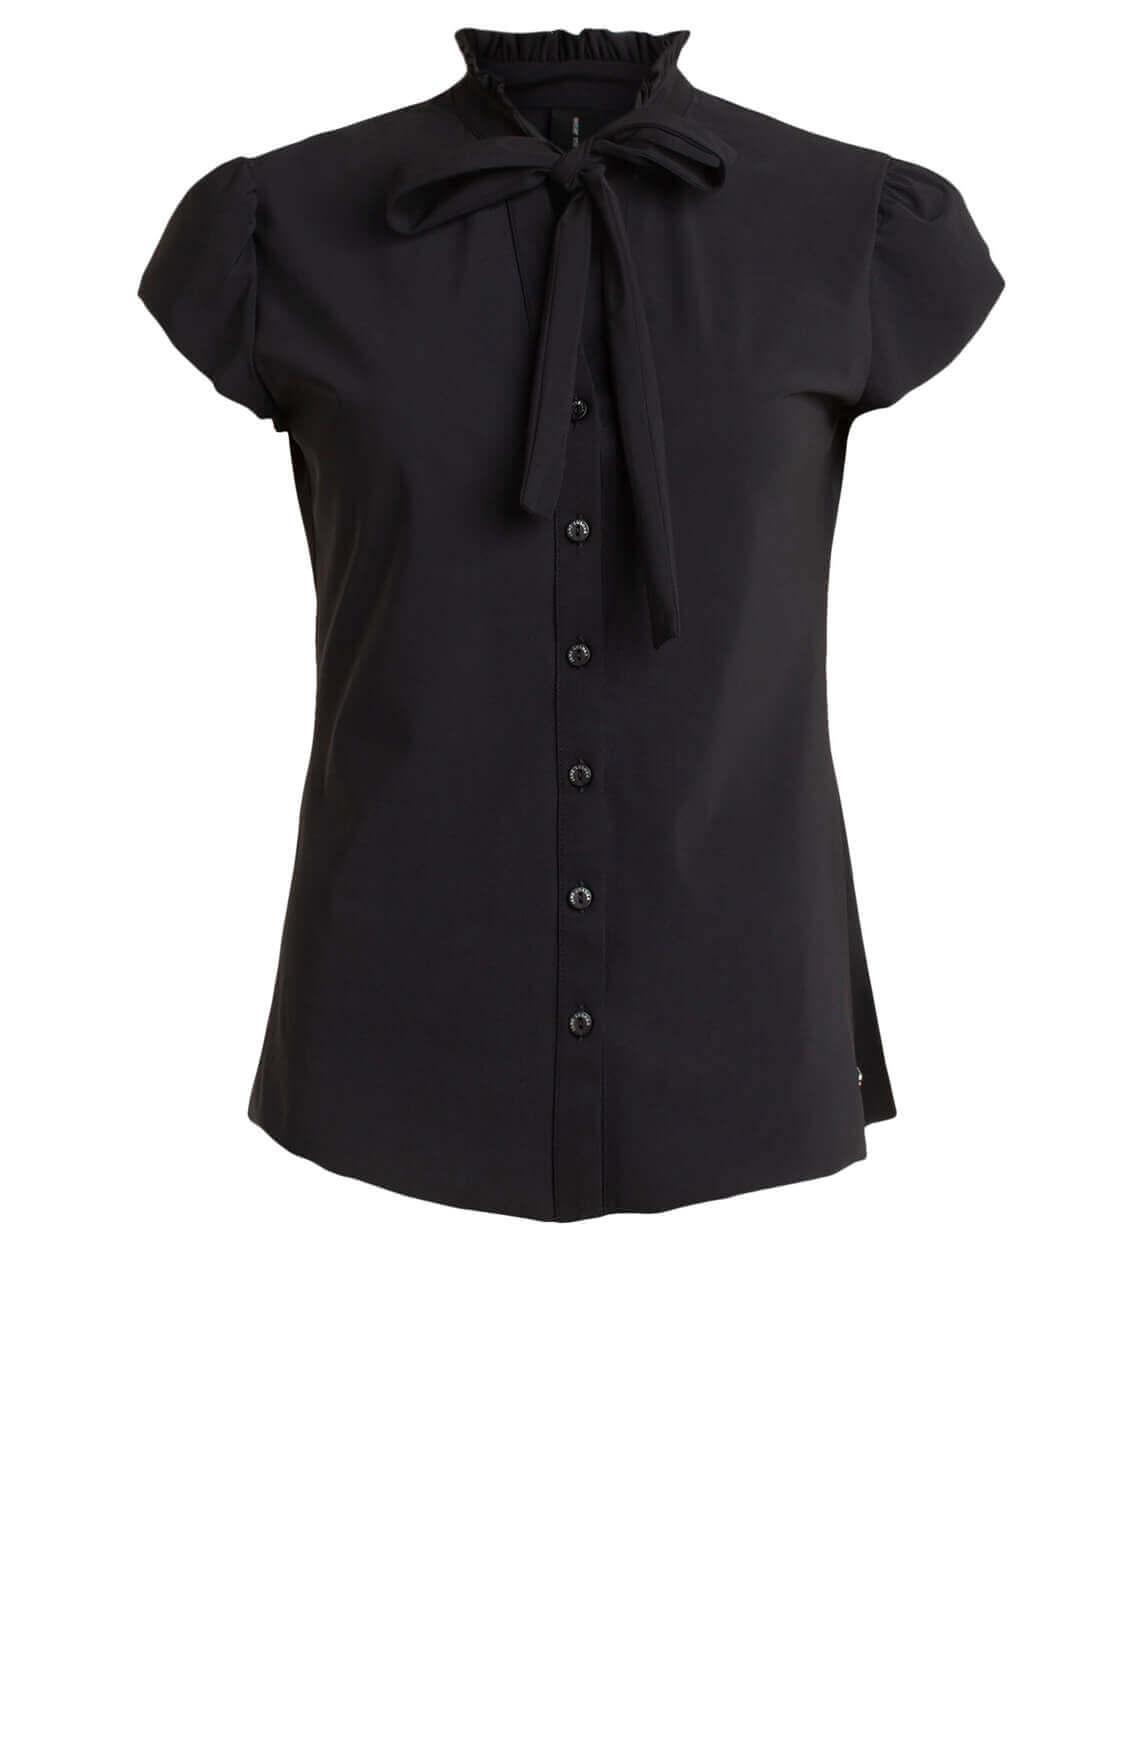 Jane Lushka Dames Tash blouse met strik zwart